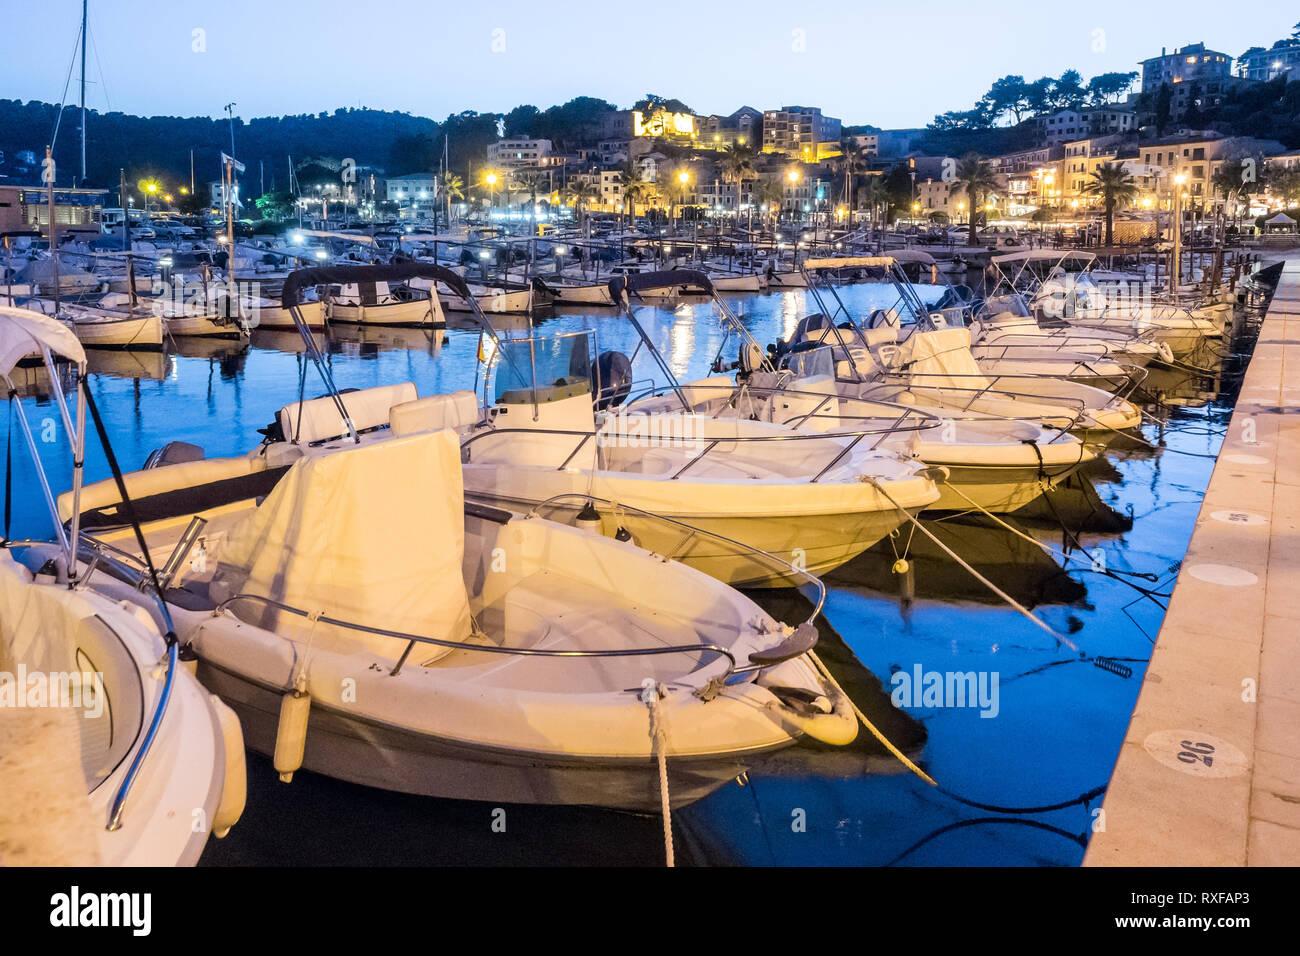 Fischerhafen Port de Sóller Mallorca Spanien - Boote im Hafen - Stock Image